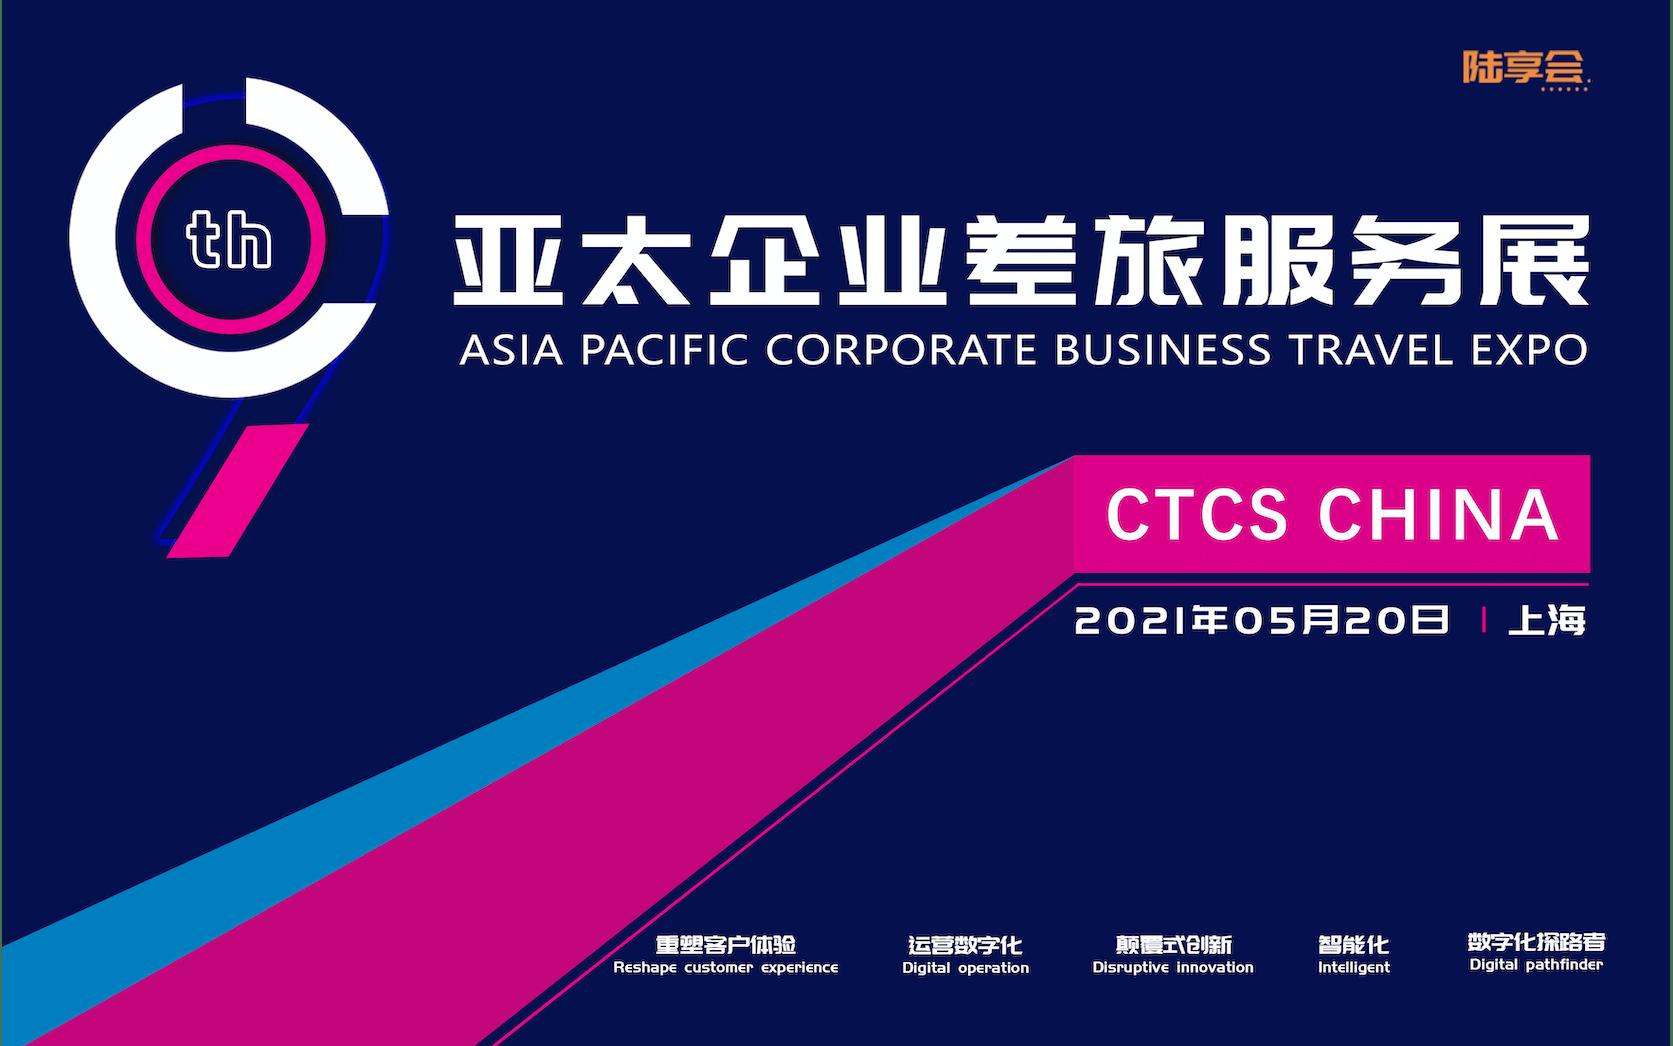 CTCS CHINA亚太企业差旅服务展暨第九届中国企业差旅费控合规峰会!